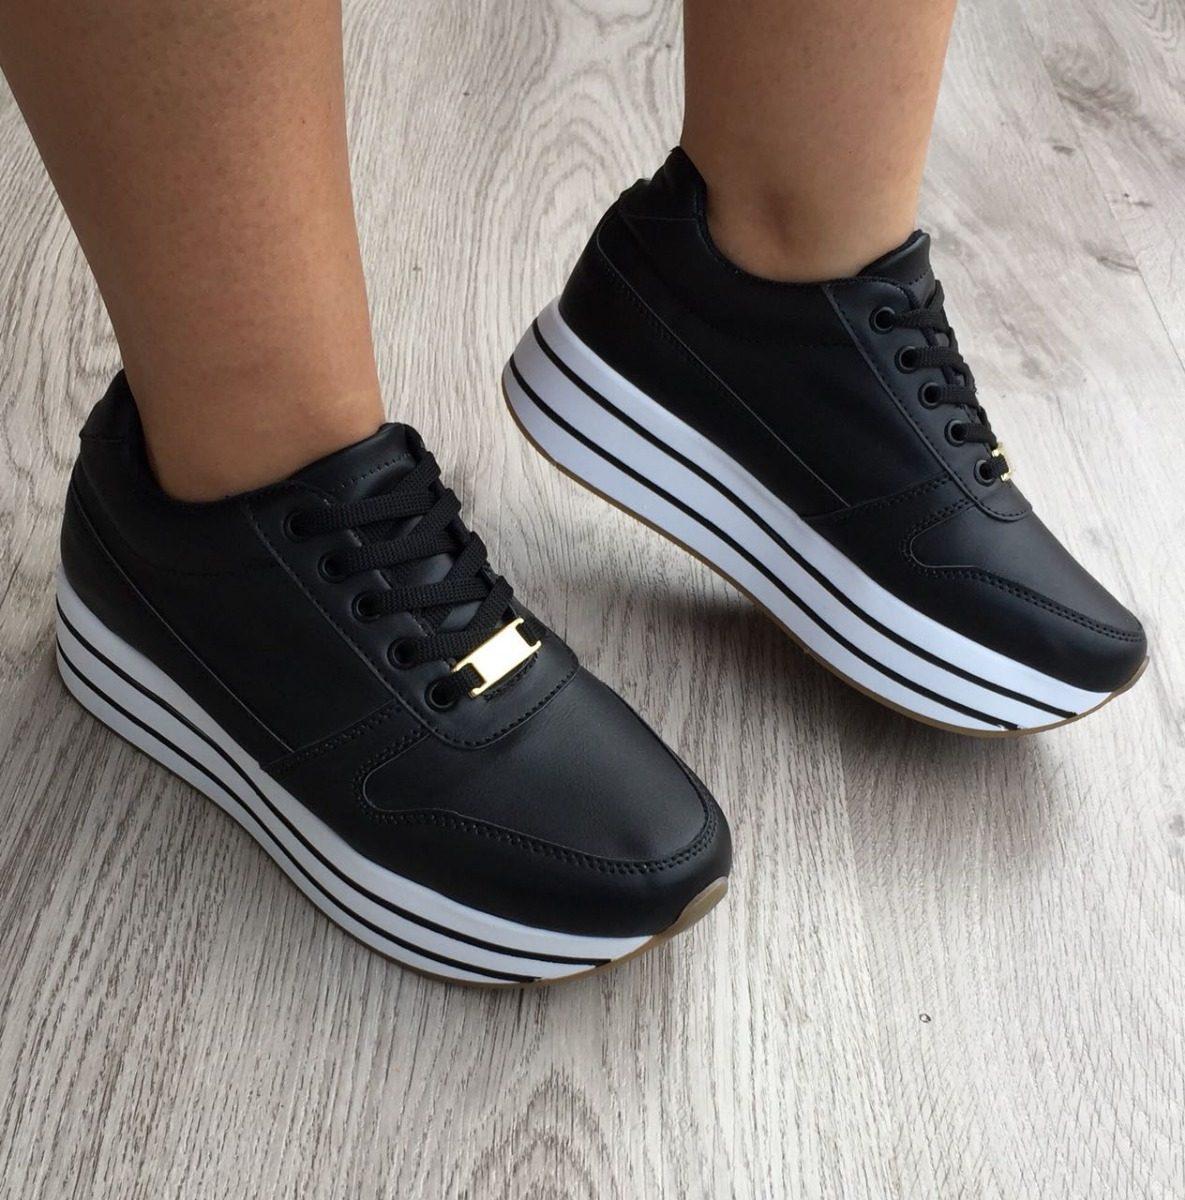 647ac66e604 calzado tenis deportivo de mujer color negro moda y estilo. Cargando zoom.